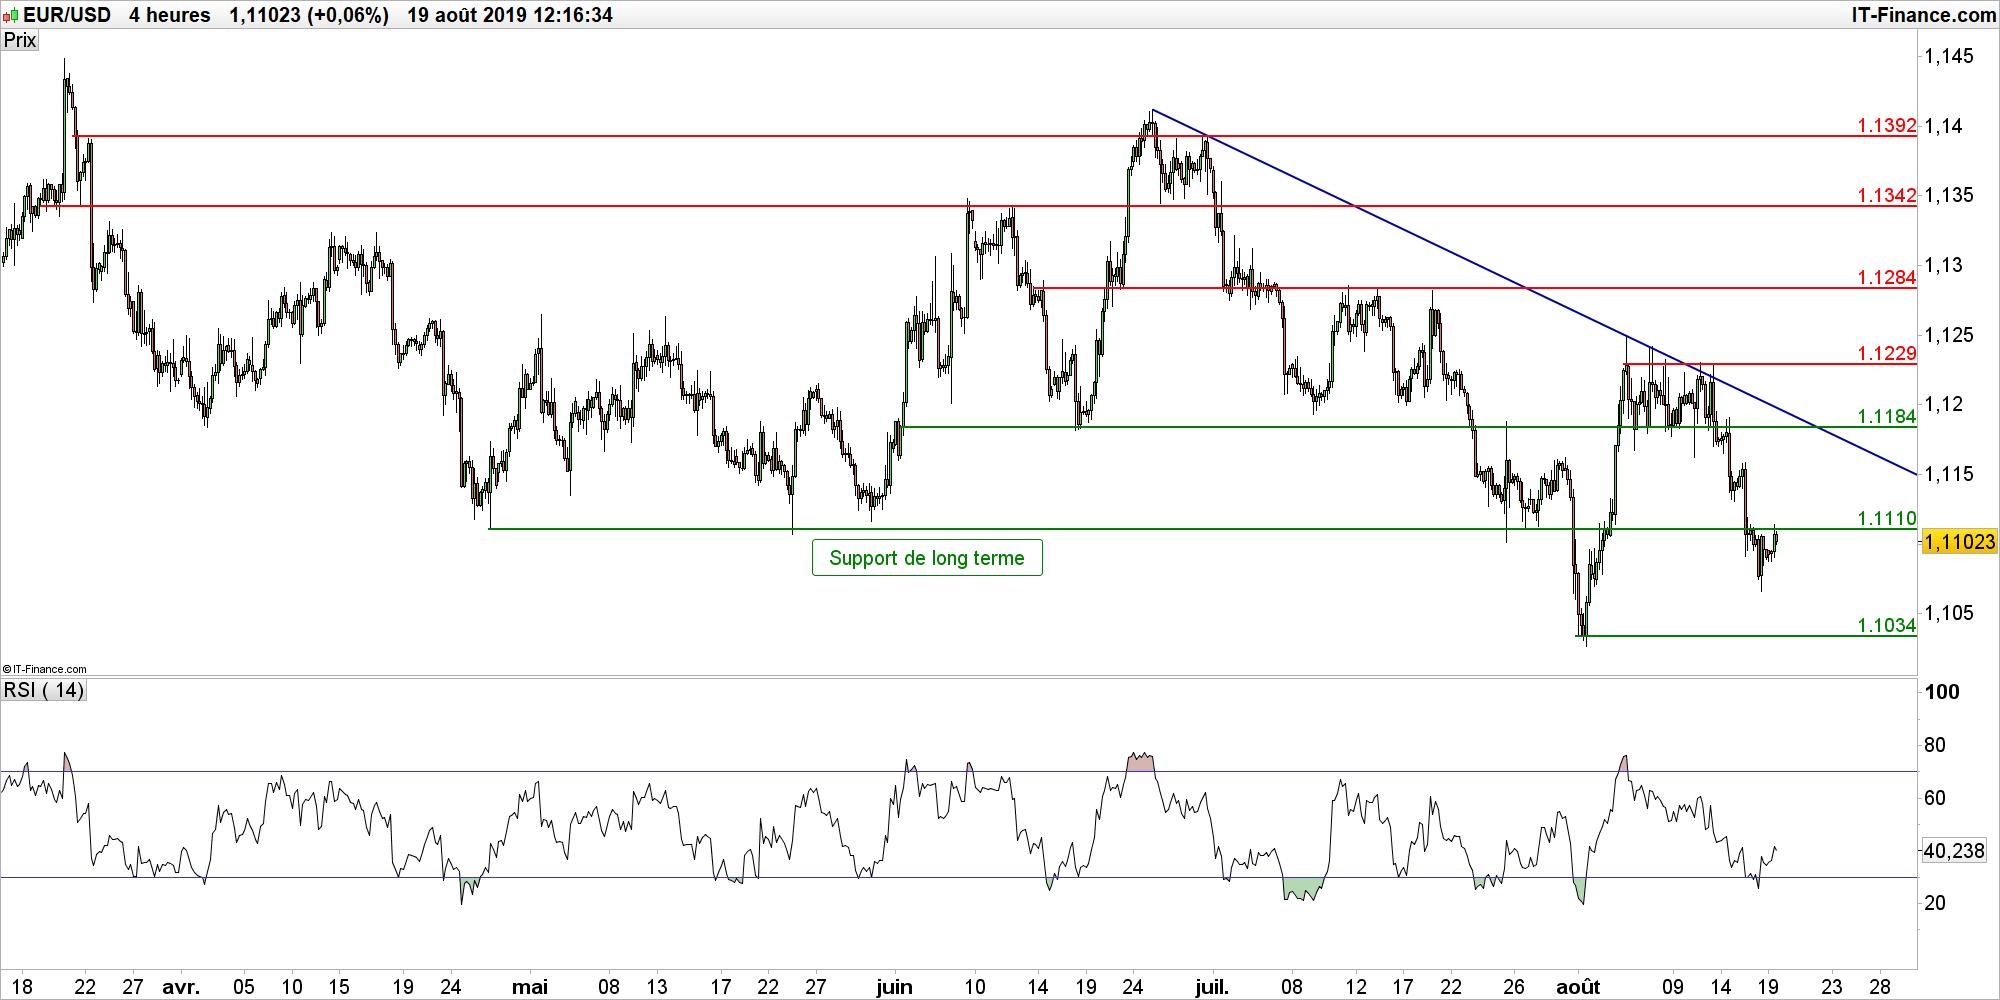 EUR/USD Forecast (Euro to Dollar), News & Analysis